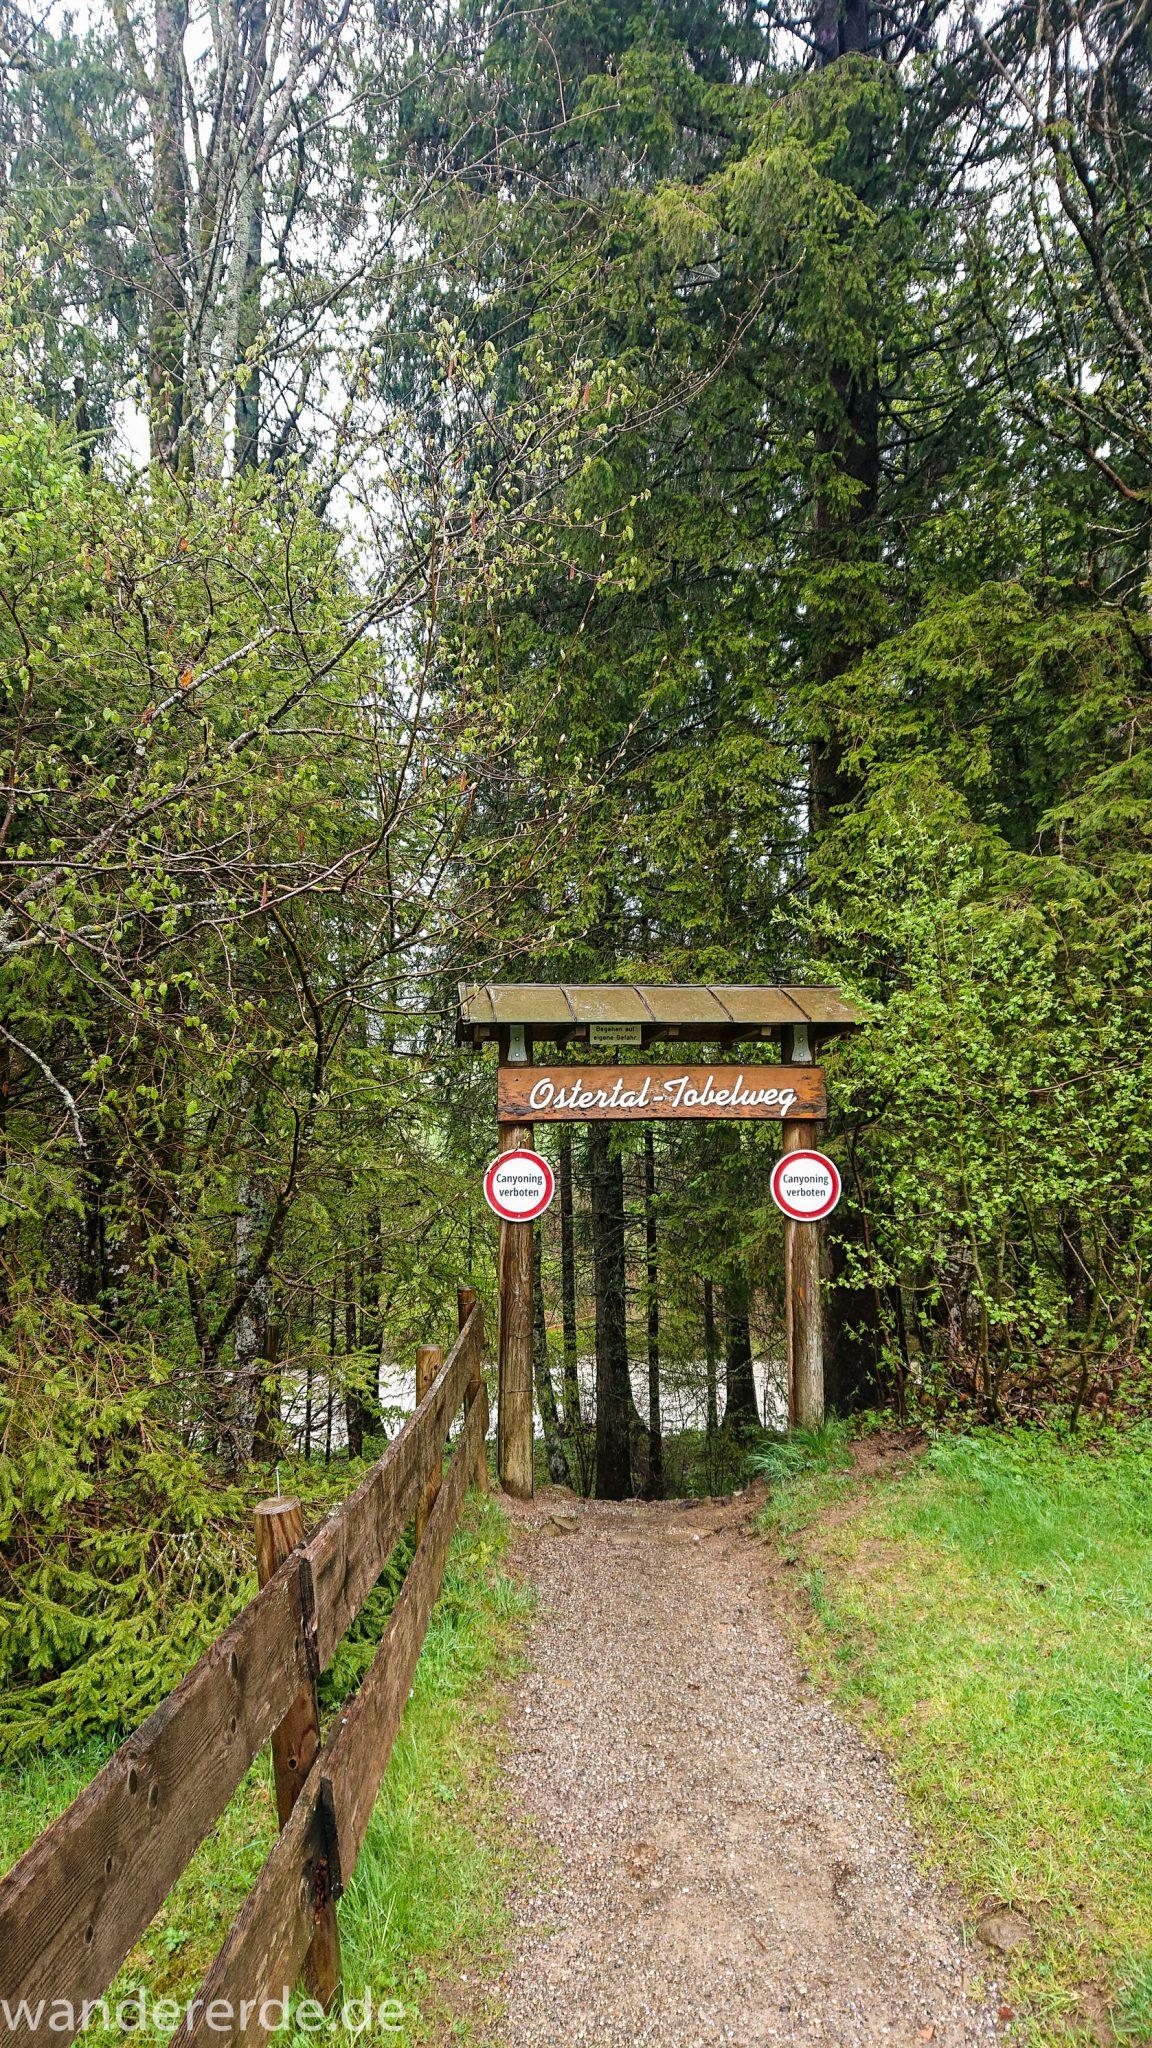 Wanderung Tobelweg ab Gunzesried im Allgäu, Ostertal Tobelweg ab Wanderparkplatz Gunzesrieder Säge wandern, abwechslungsreicher schmaler Pfad zum Ostertal, Start des Ostertal-Tobelweg